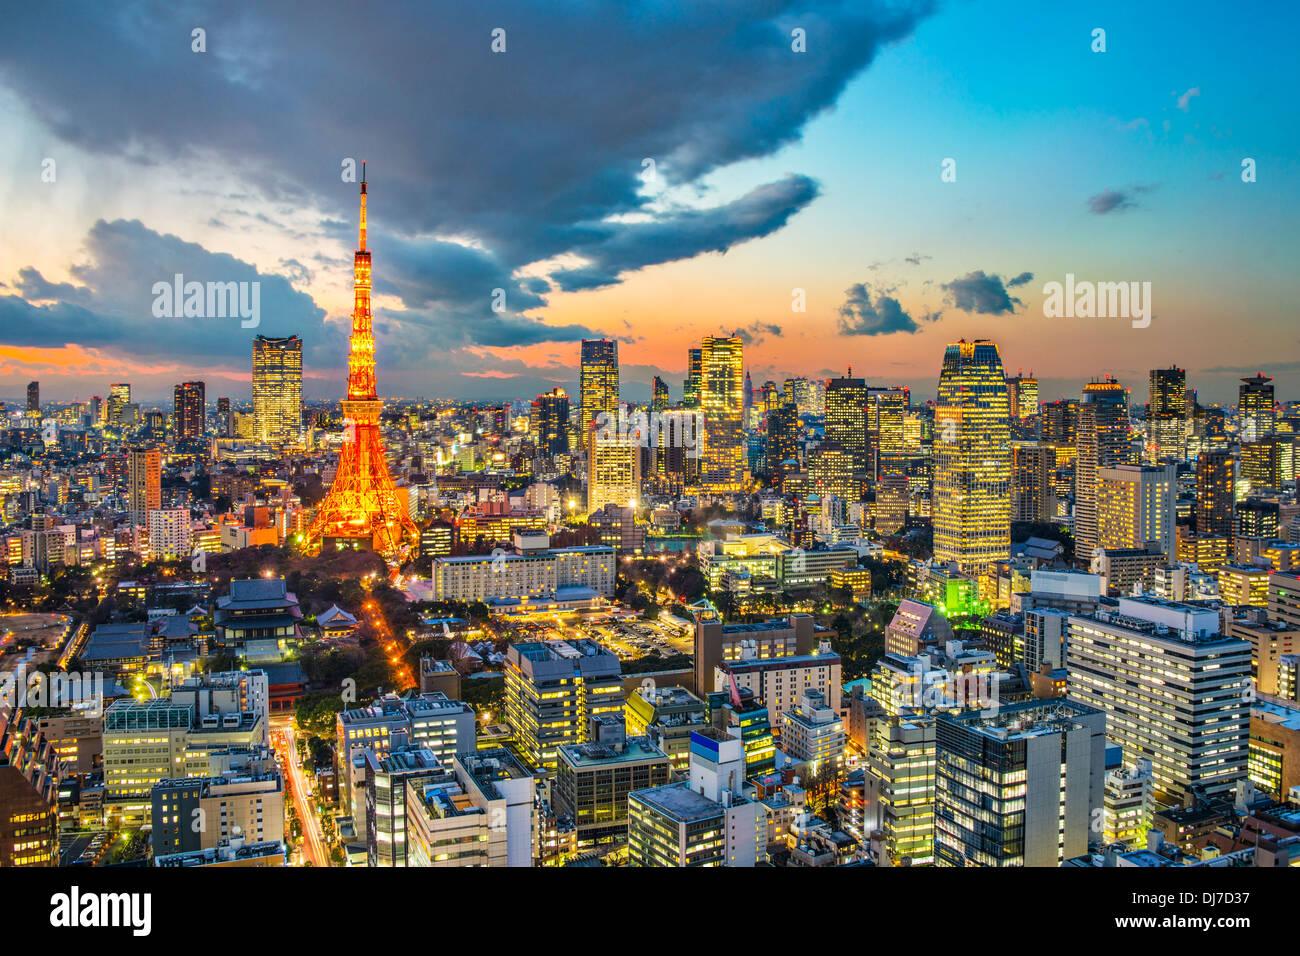 La Torre di Tokyo a Tokyo in Giappone Immagini Stock